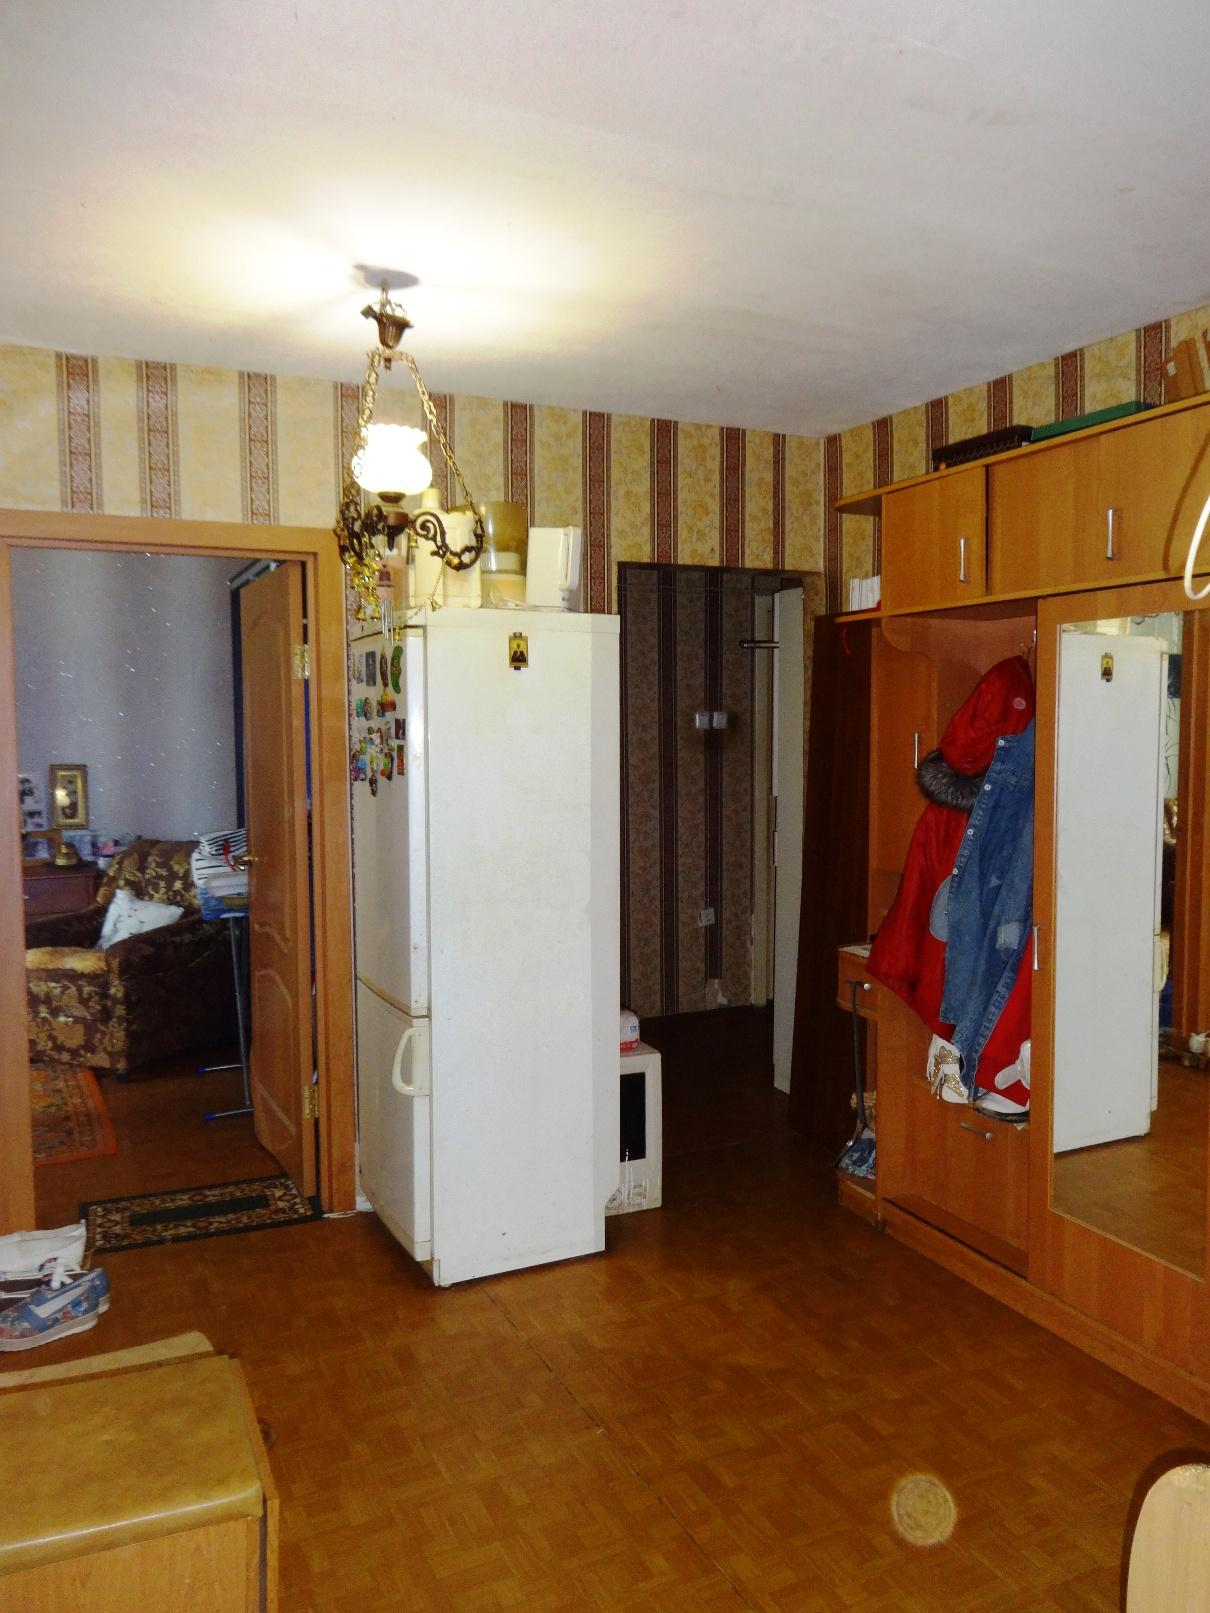 Комната 17,1 кв.м - ул. Кислякова, д. 5